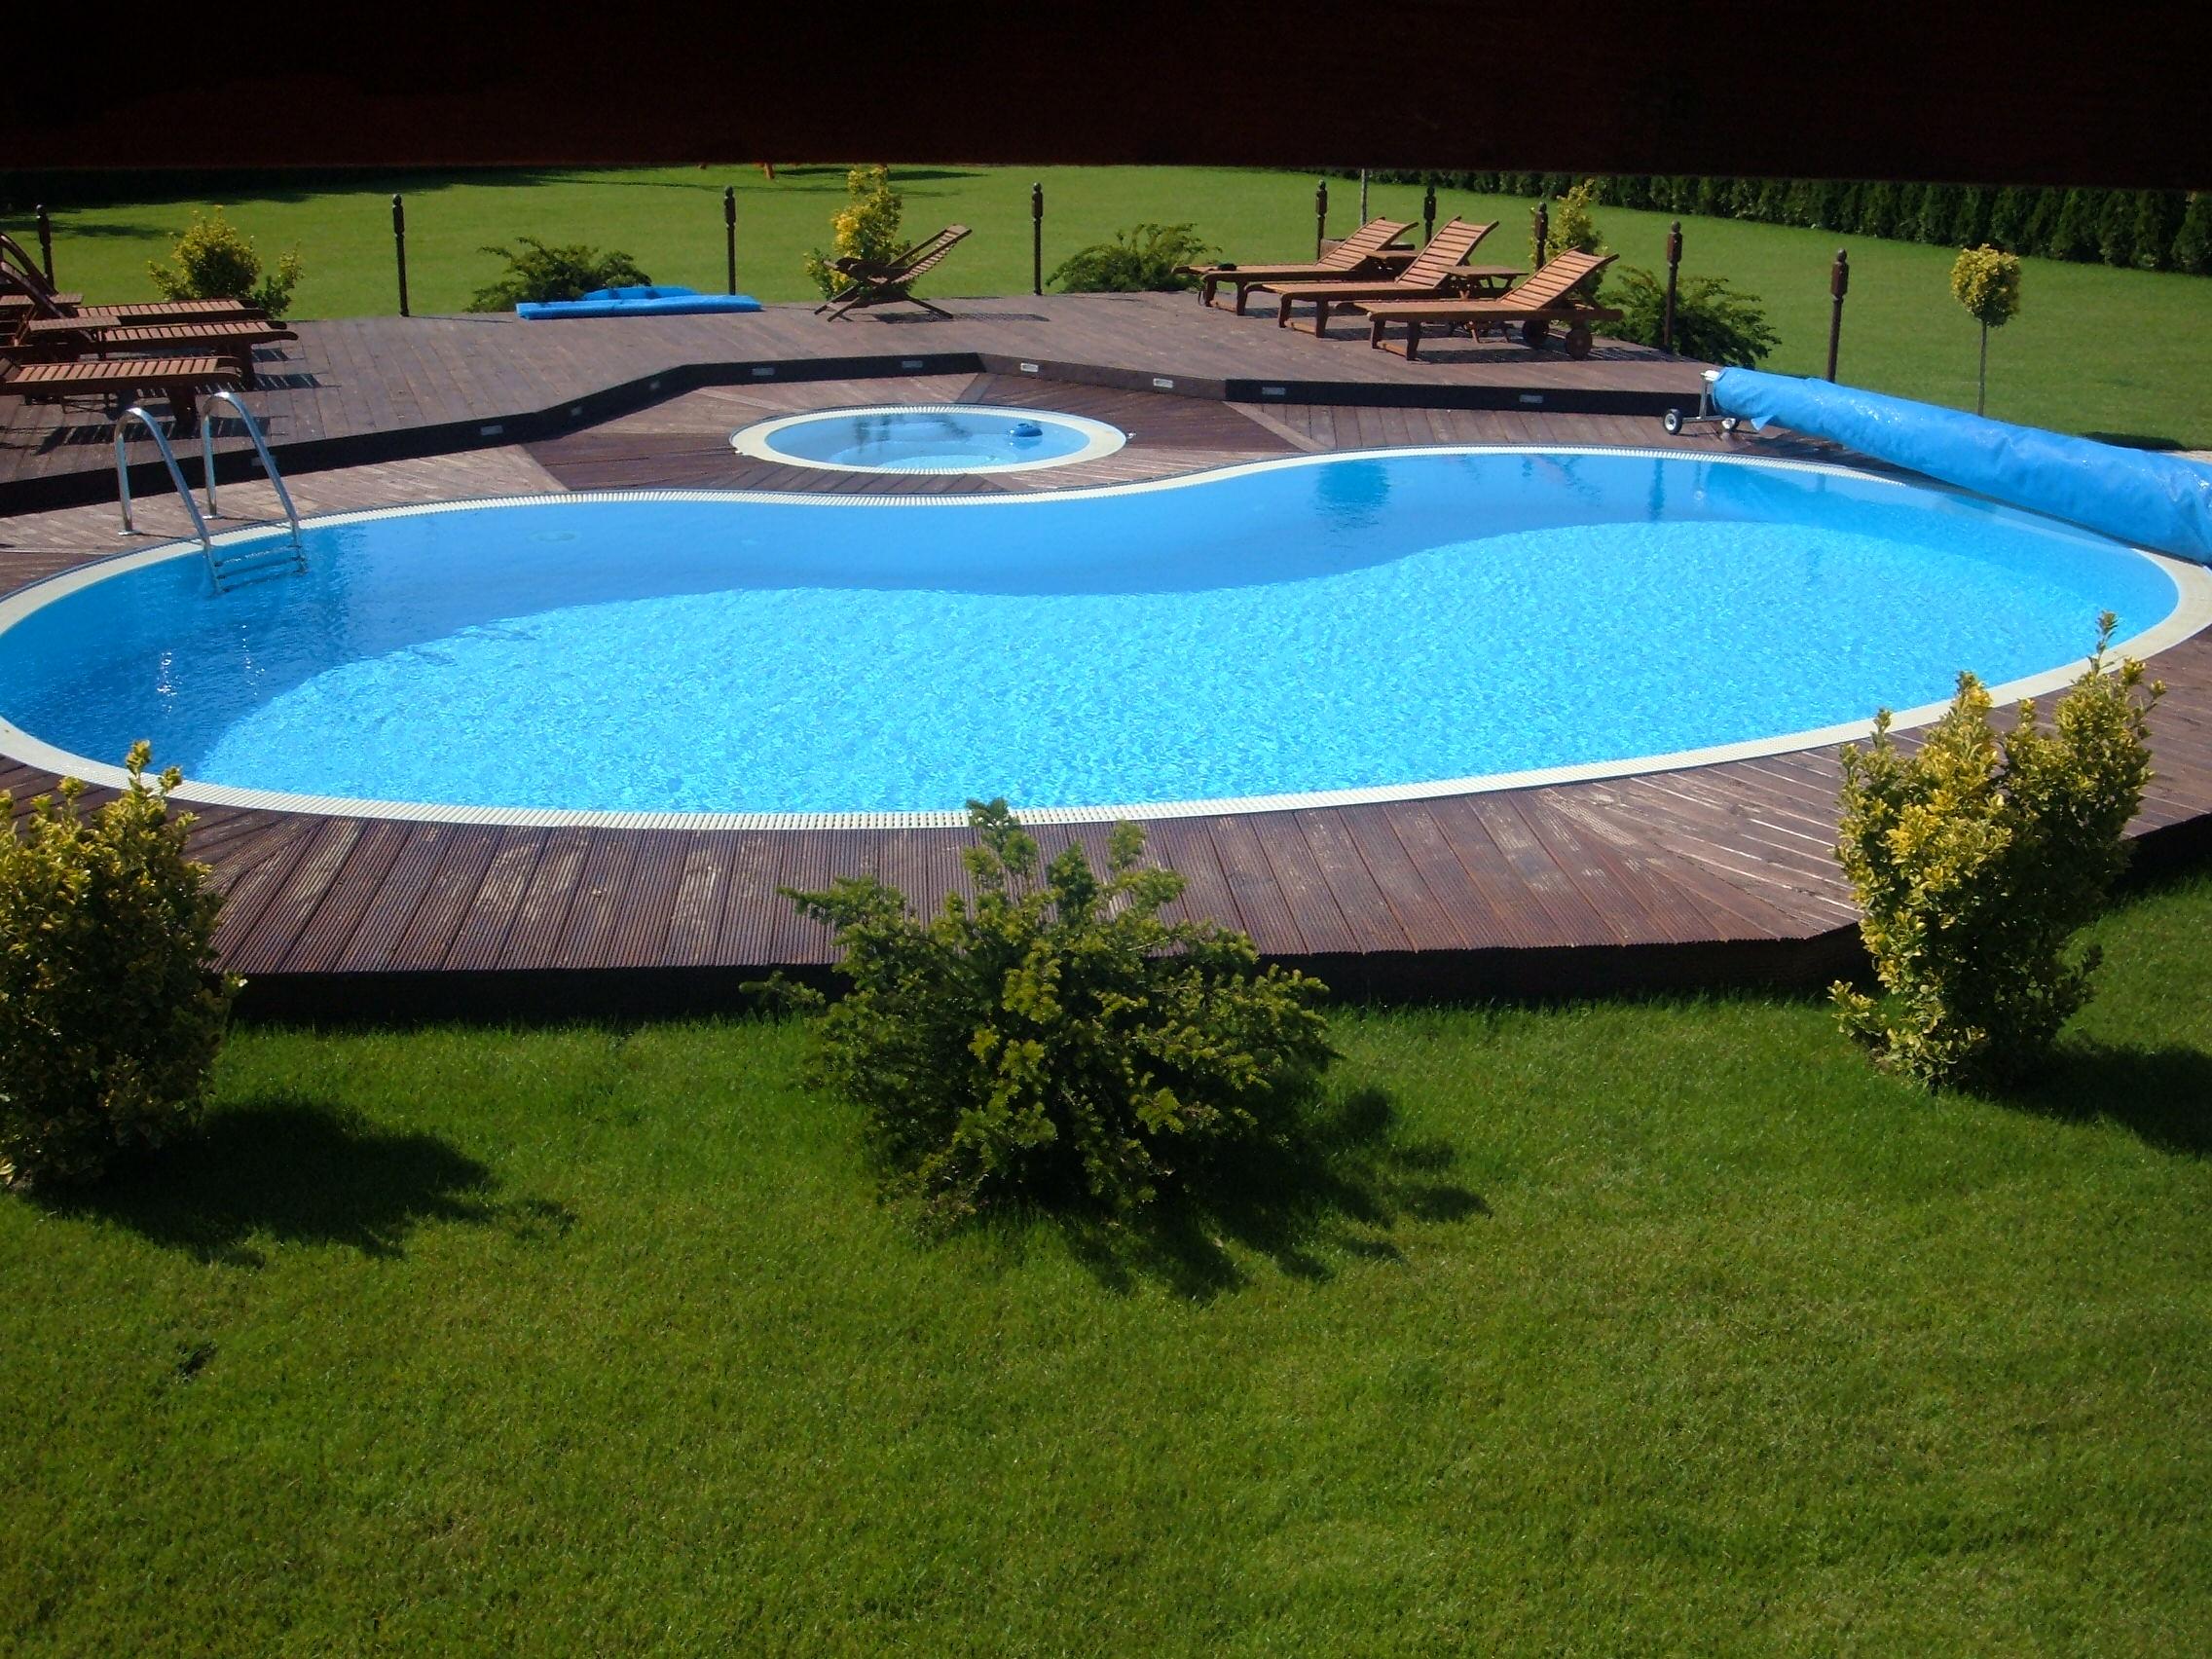 piscine din polipropilena